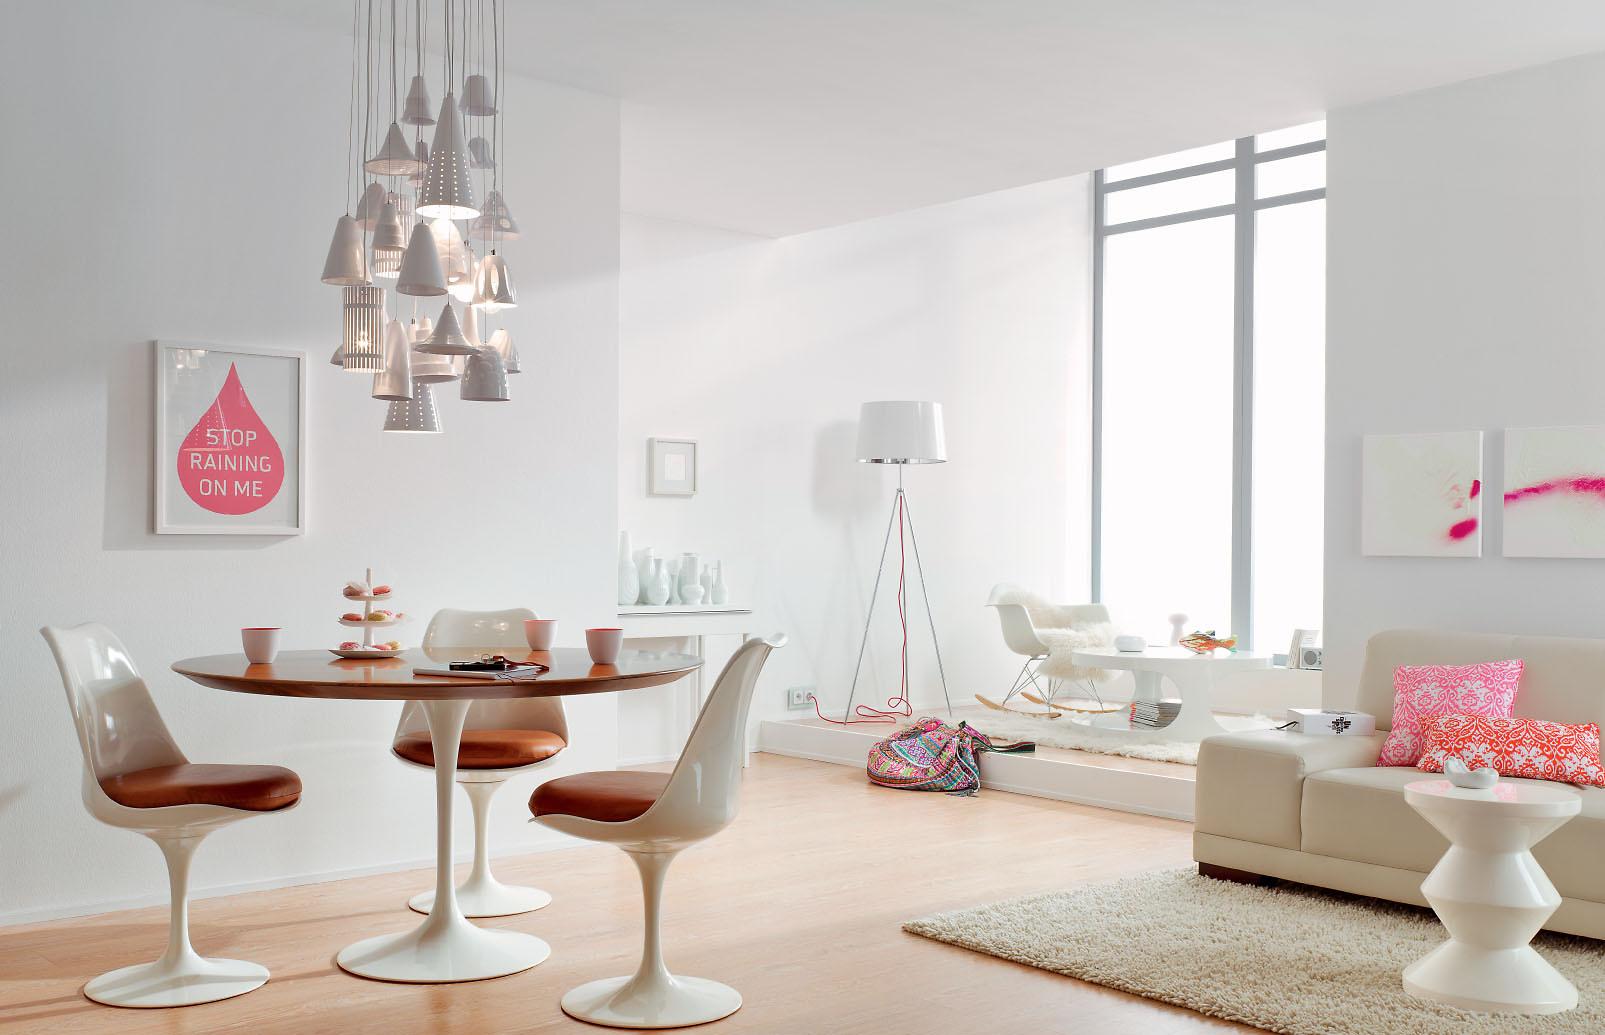 wandfarbe wei testsieger innenfarbe streichen alpinawei alpina farben. Black Bedroom Furniture Sets. Home Design Ideas